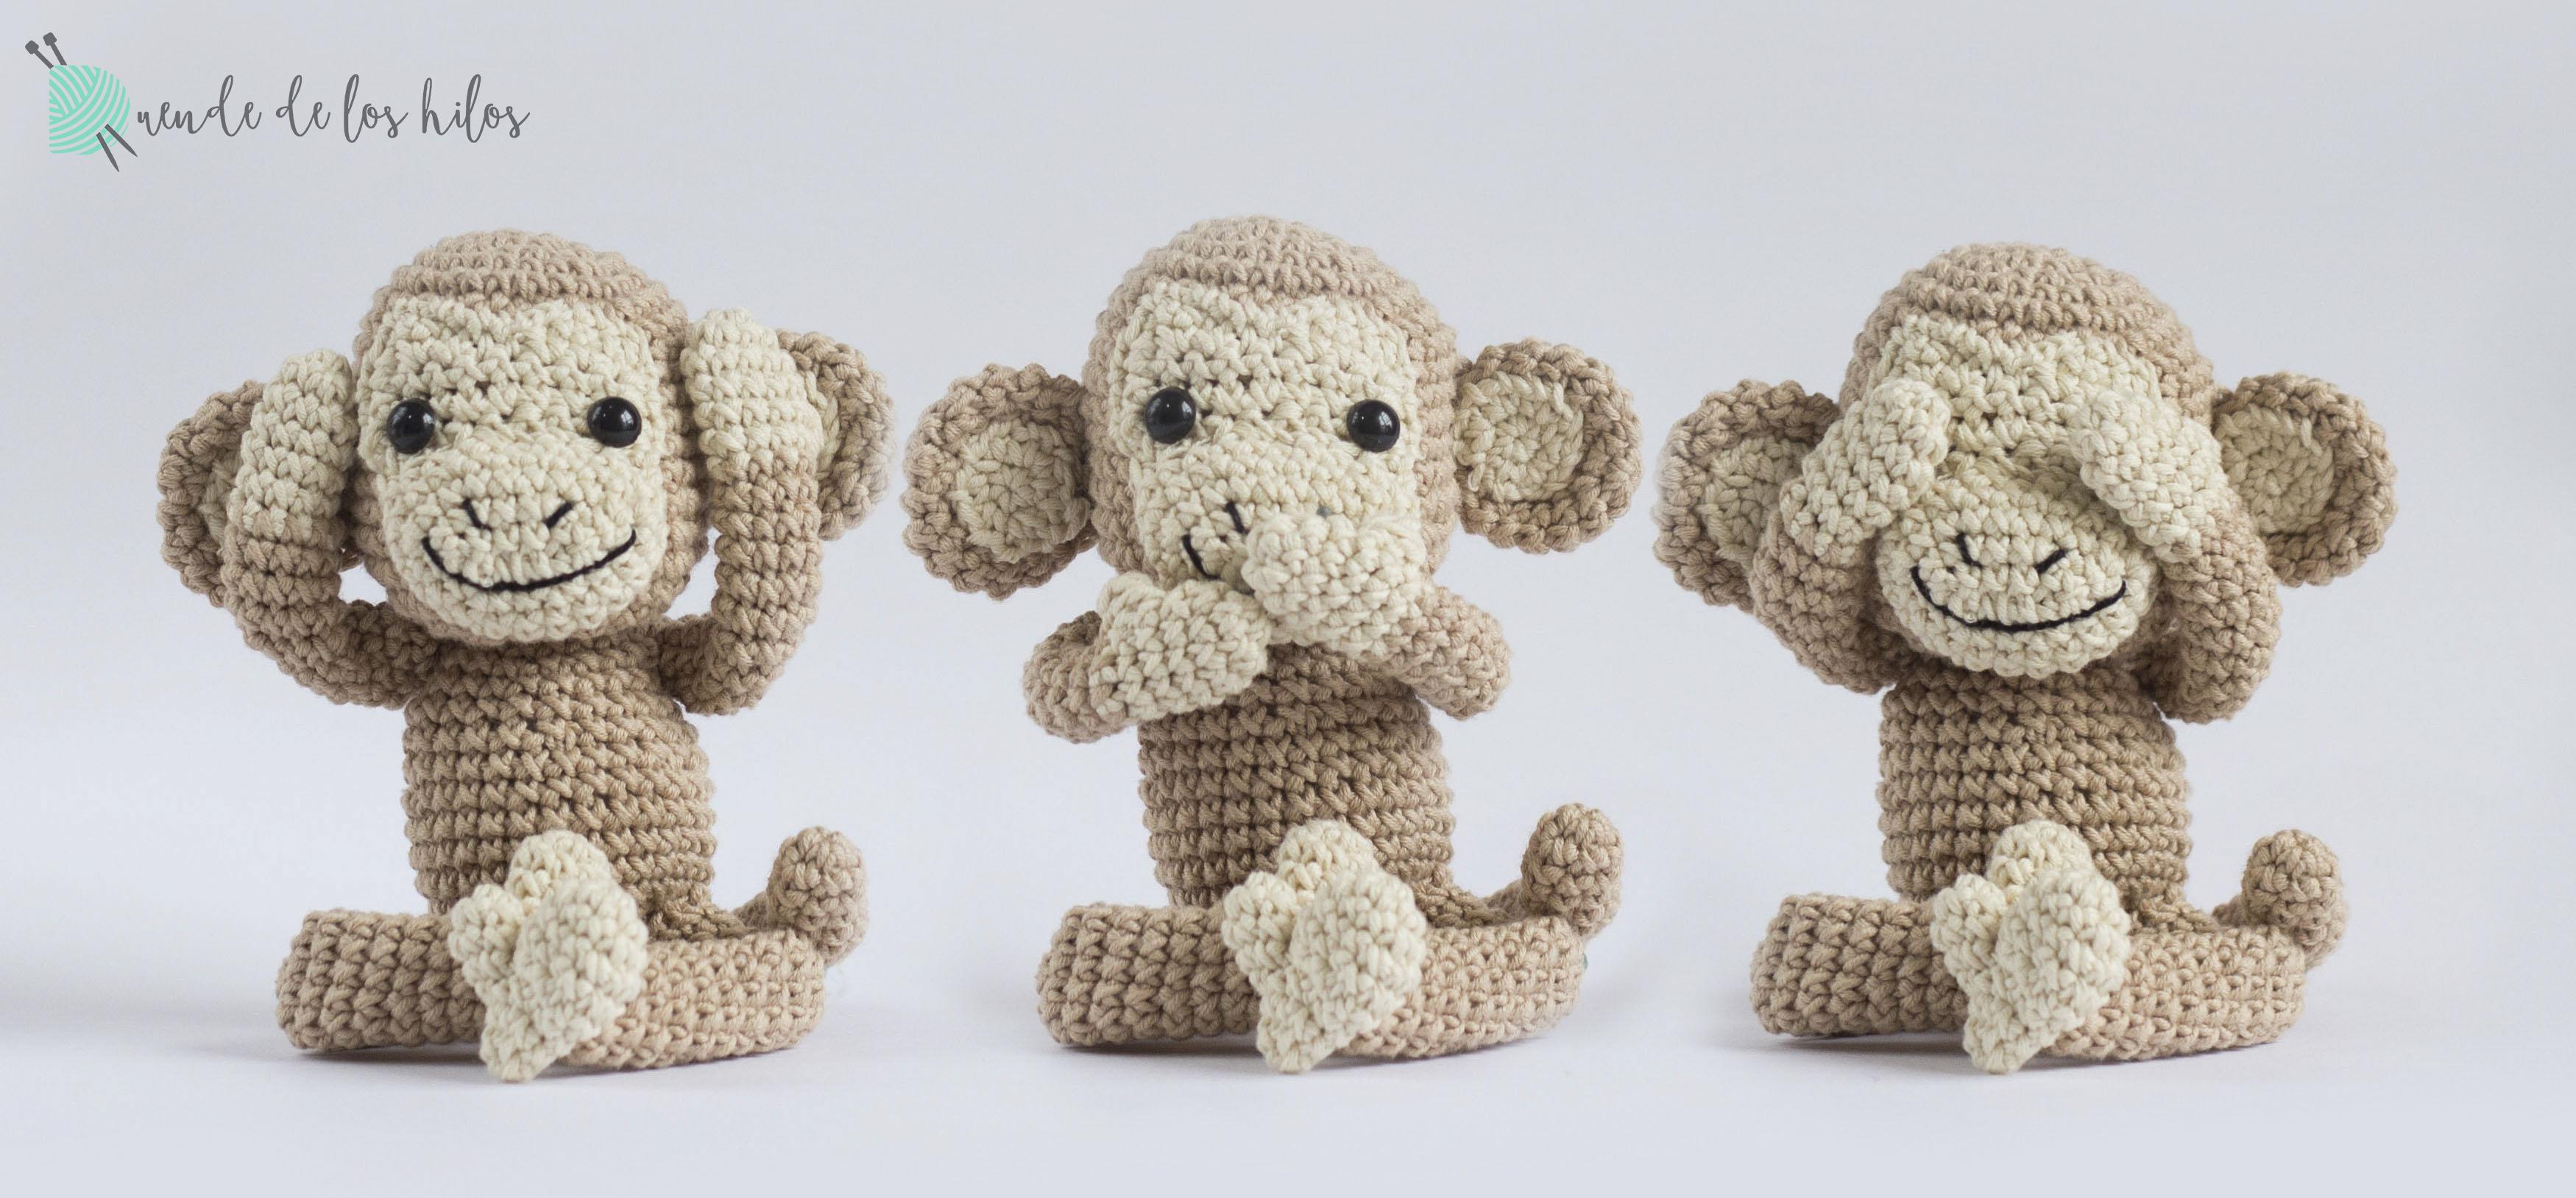 La locura tejeril! Recopilación de patrones de crochet y tricot ...